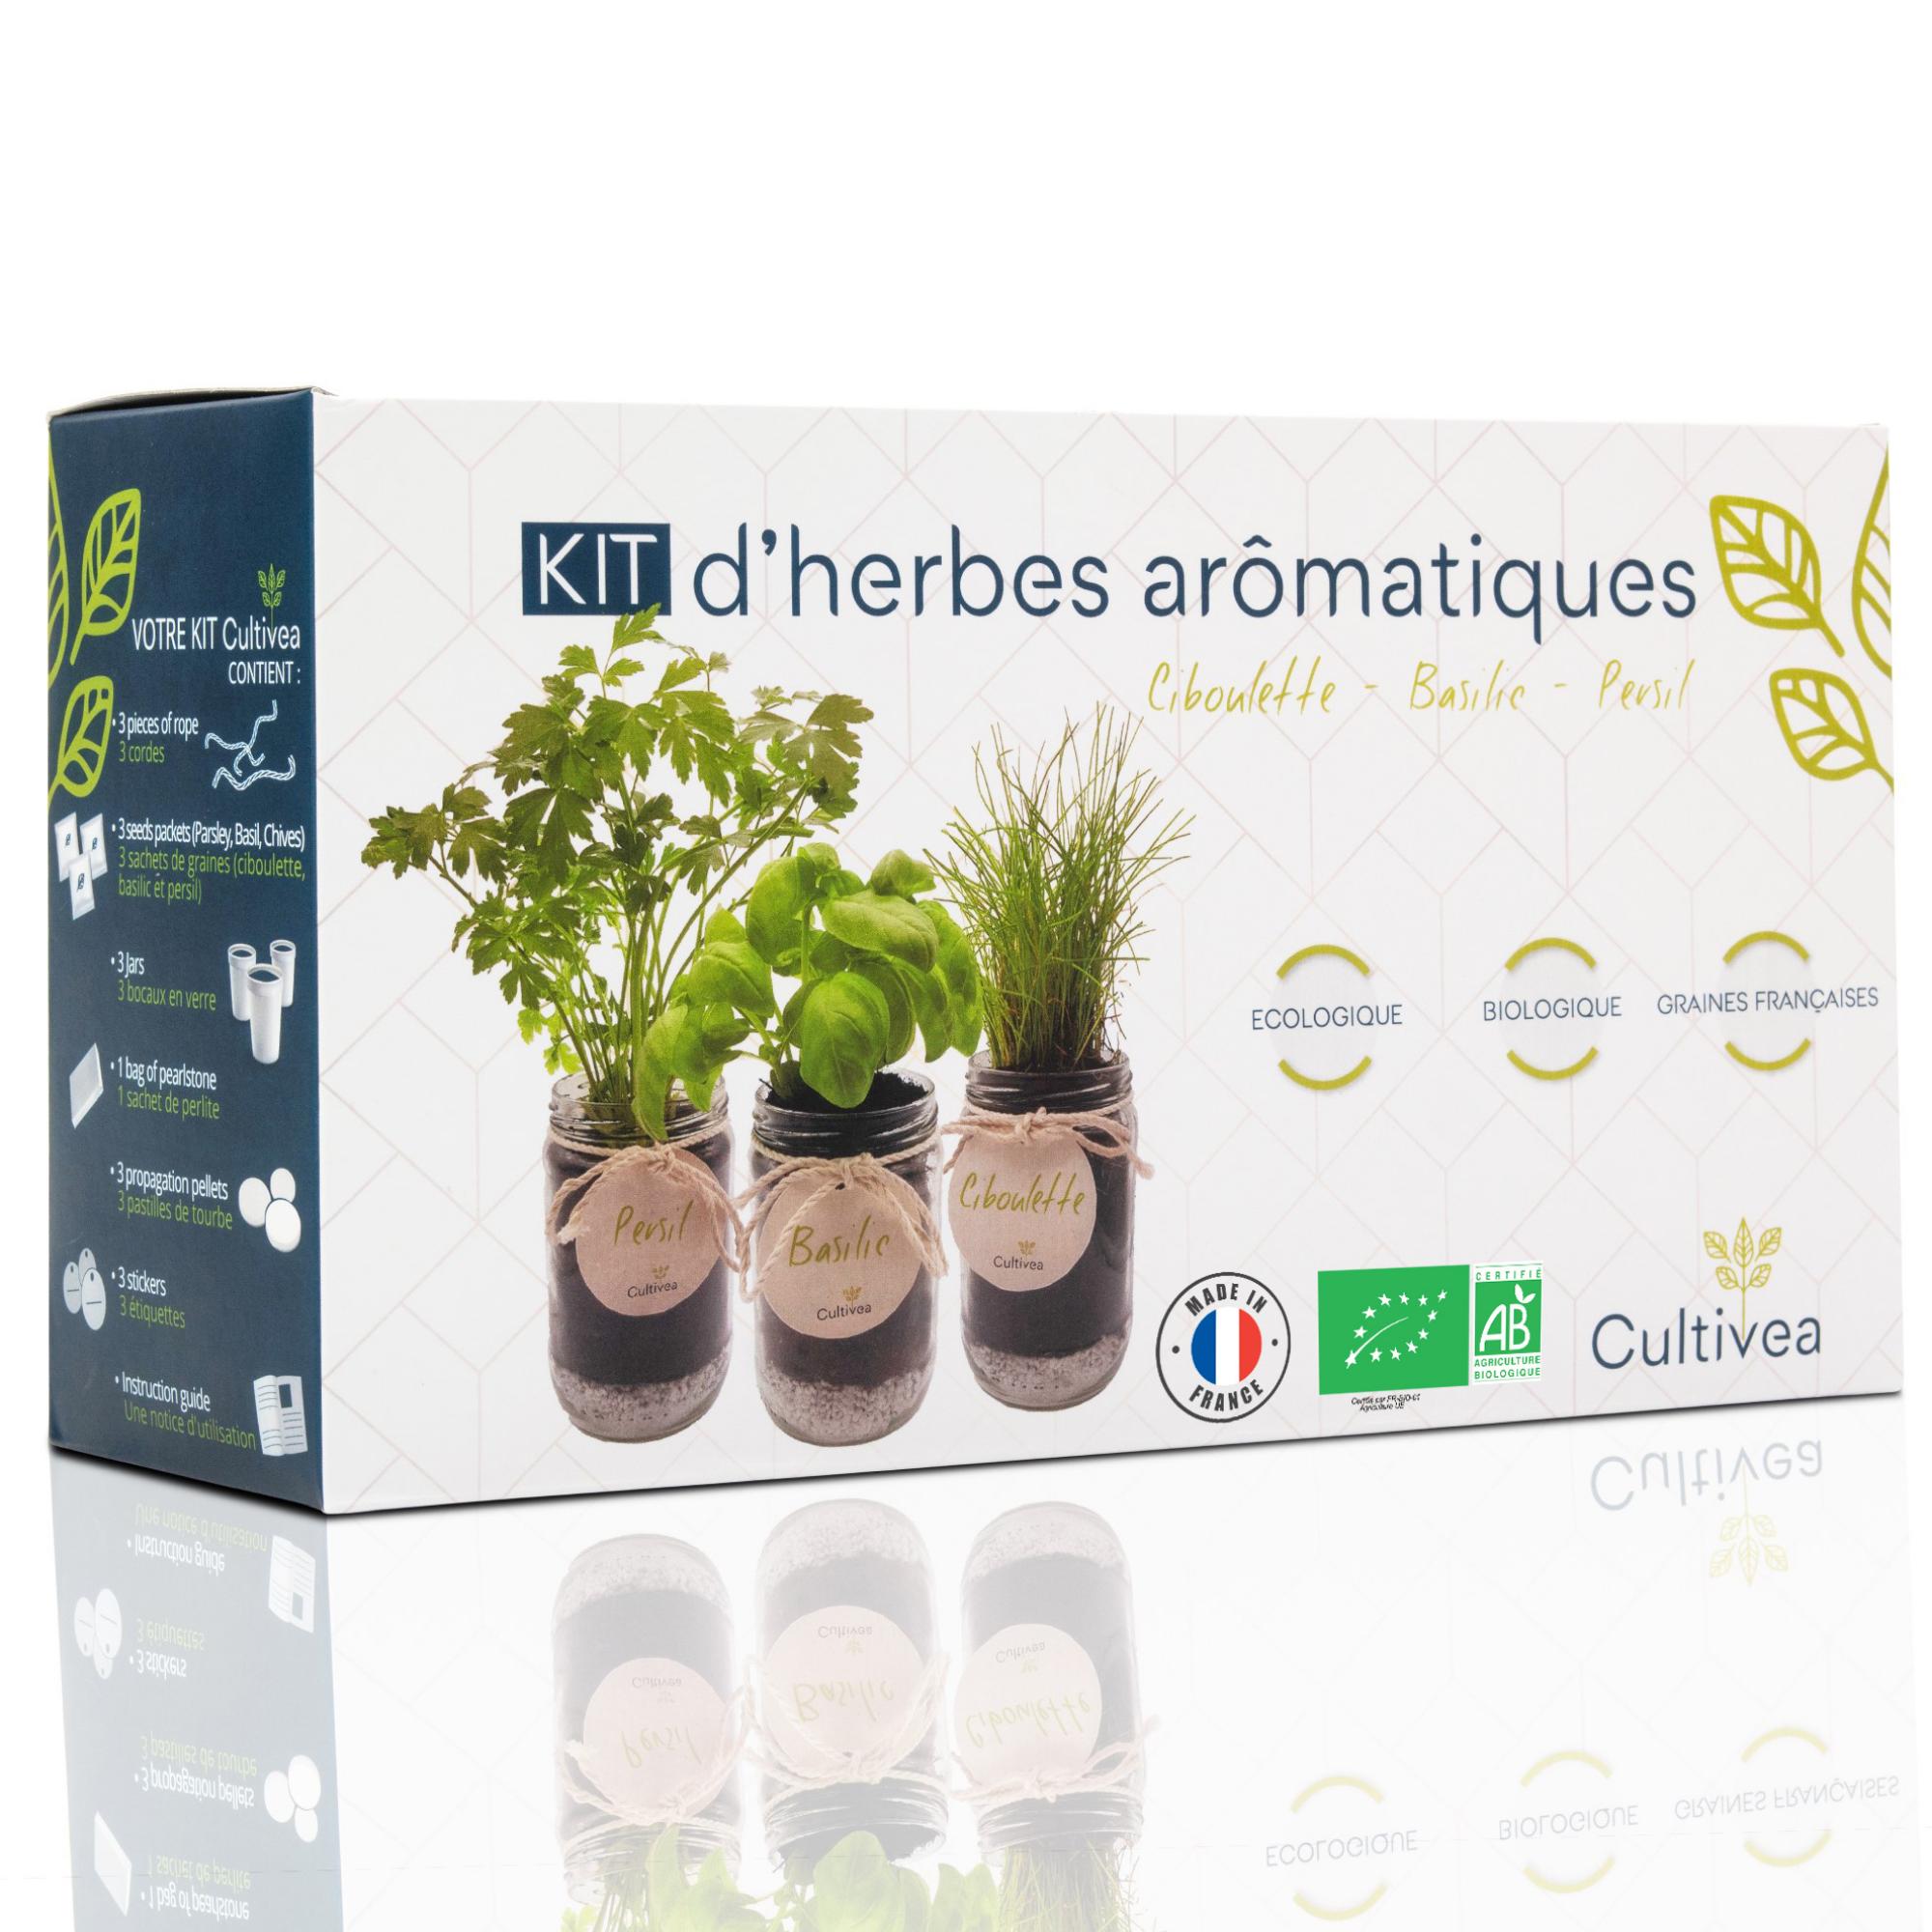 Cultivea - Kit d'herbes aromatiques Graines Ciboulette, Basilic, Persil